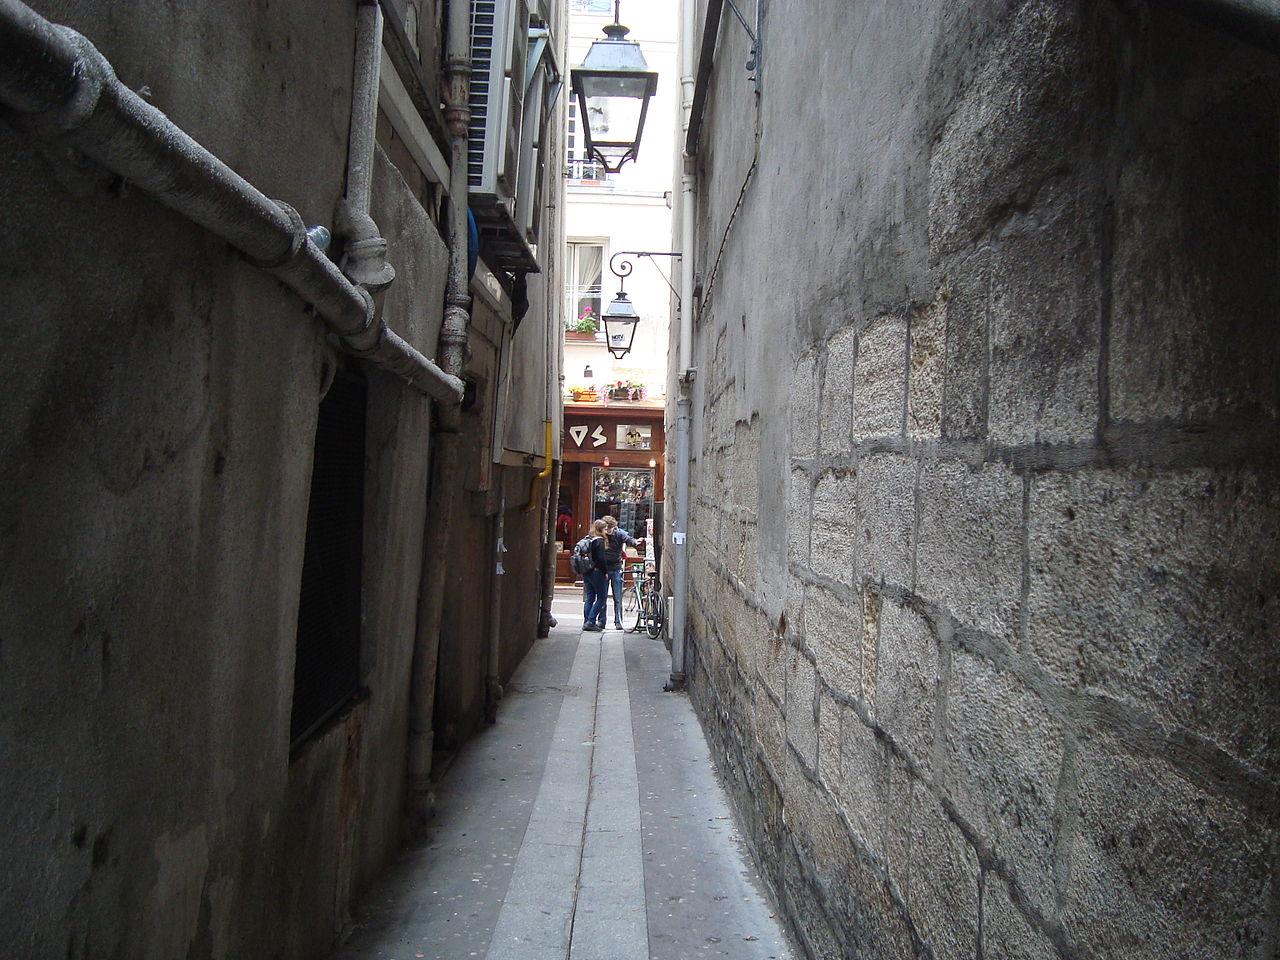 rue secrets paris